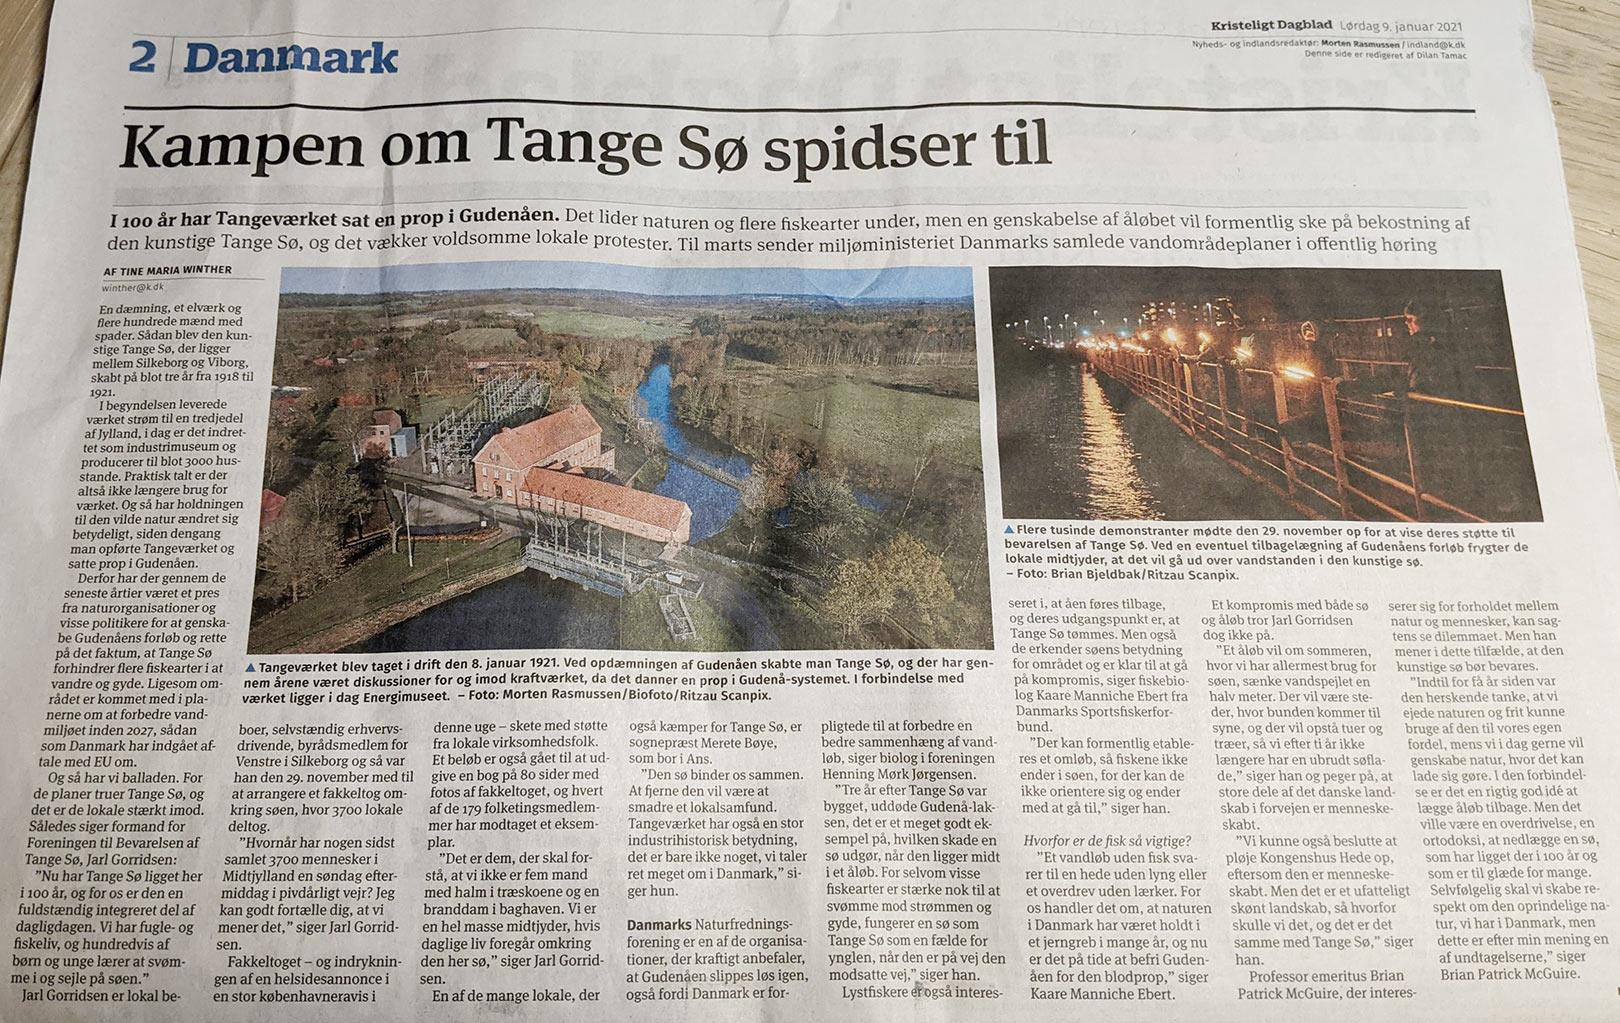 Den midtjyske presse har på det seneste haft mange artikler om Søslaget ved Tange. Primært af lokalpatriotisk karakter.